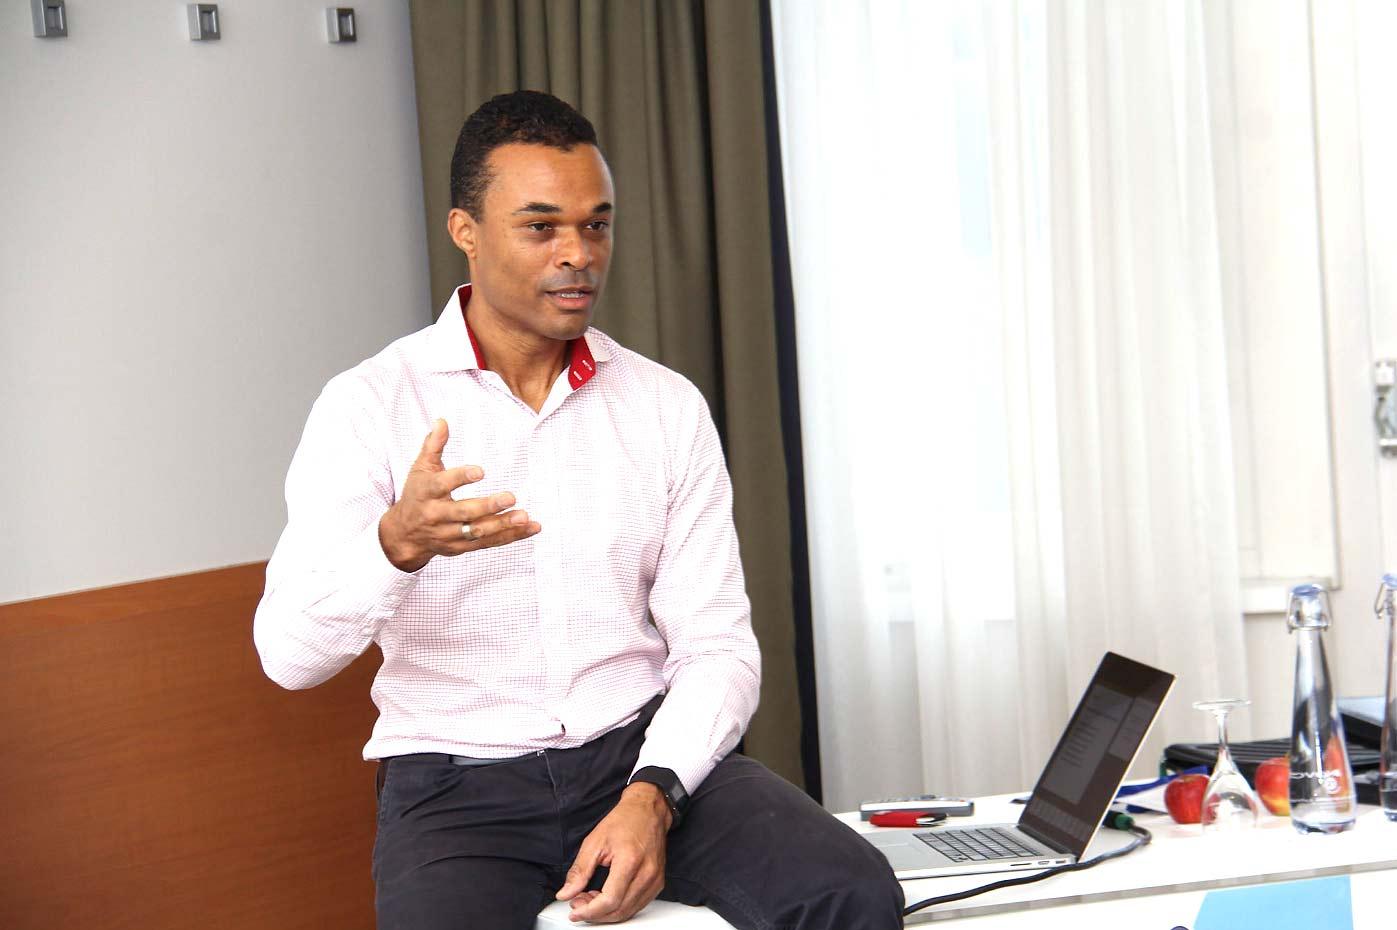 Spitzentrainer Ray Popoola unterstützt Sales-Team des Inneneinrichters Kinnarps